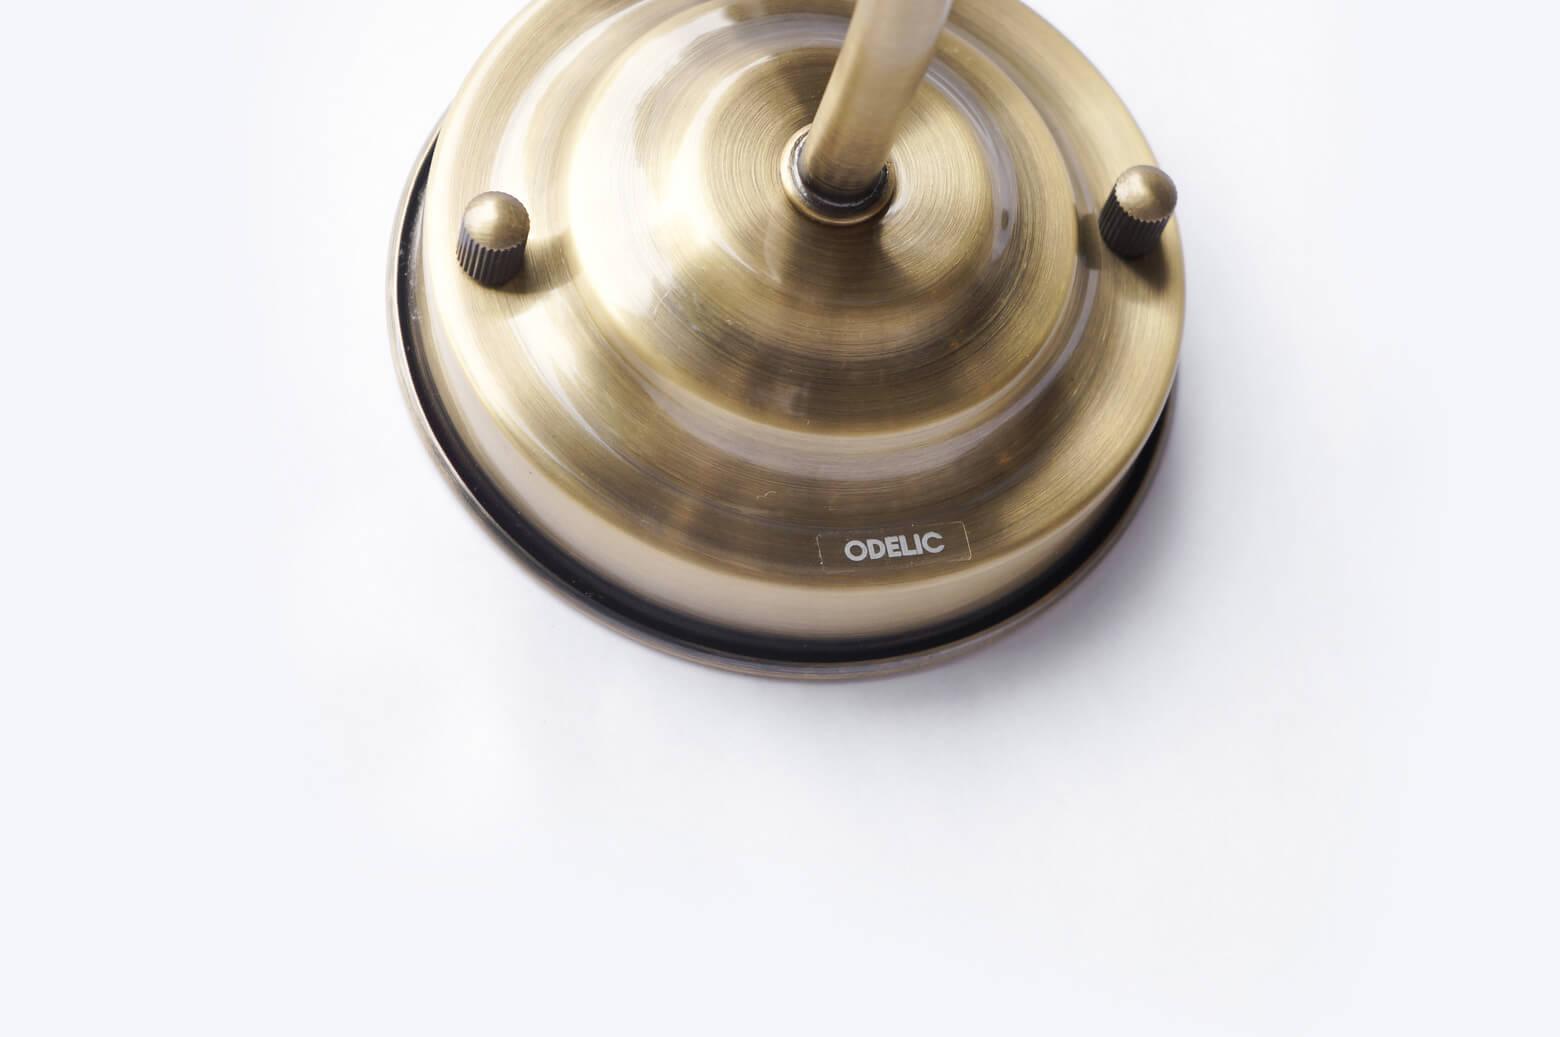 ODELIC Brass Bracket Light/真鍮 ブラケット ライト ウォール ランプ 壁掛け 照明 インテリア オーデリック 2